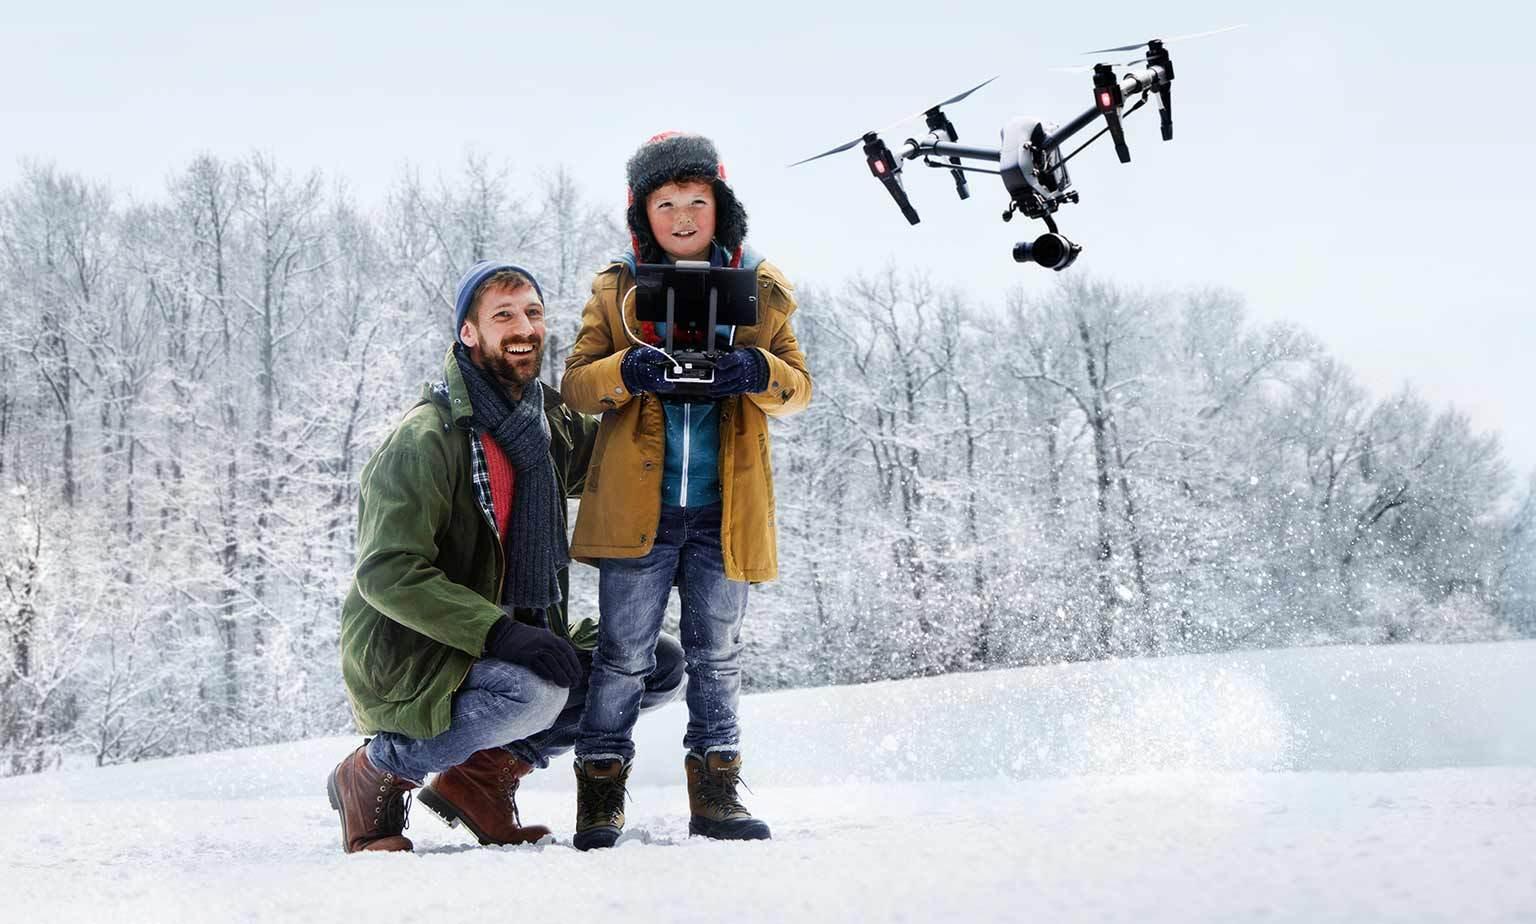 Drohnen & Zubehör - Jetzt kaufen